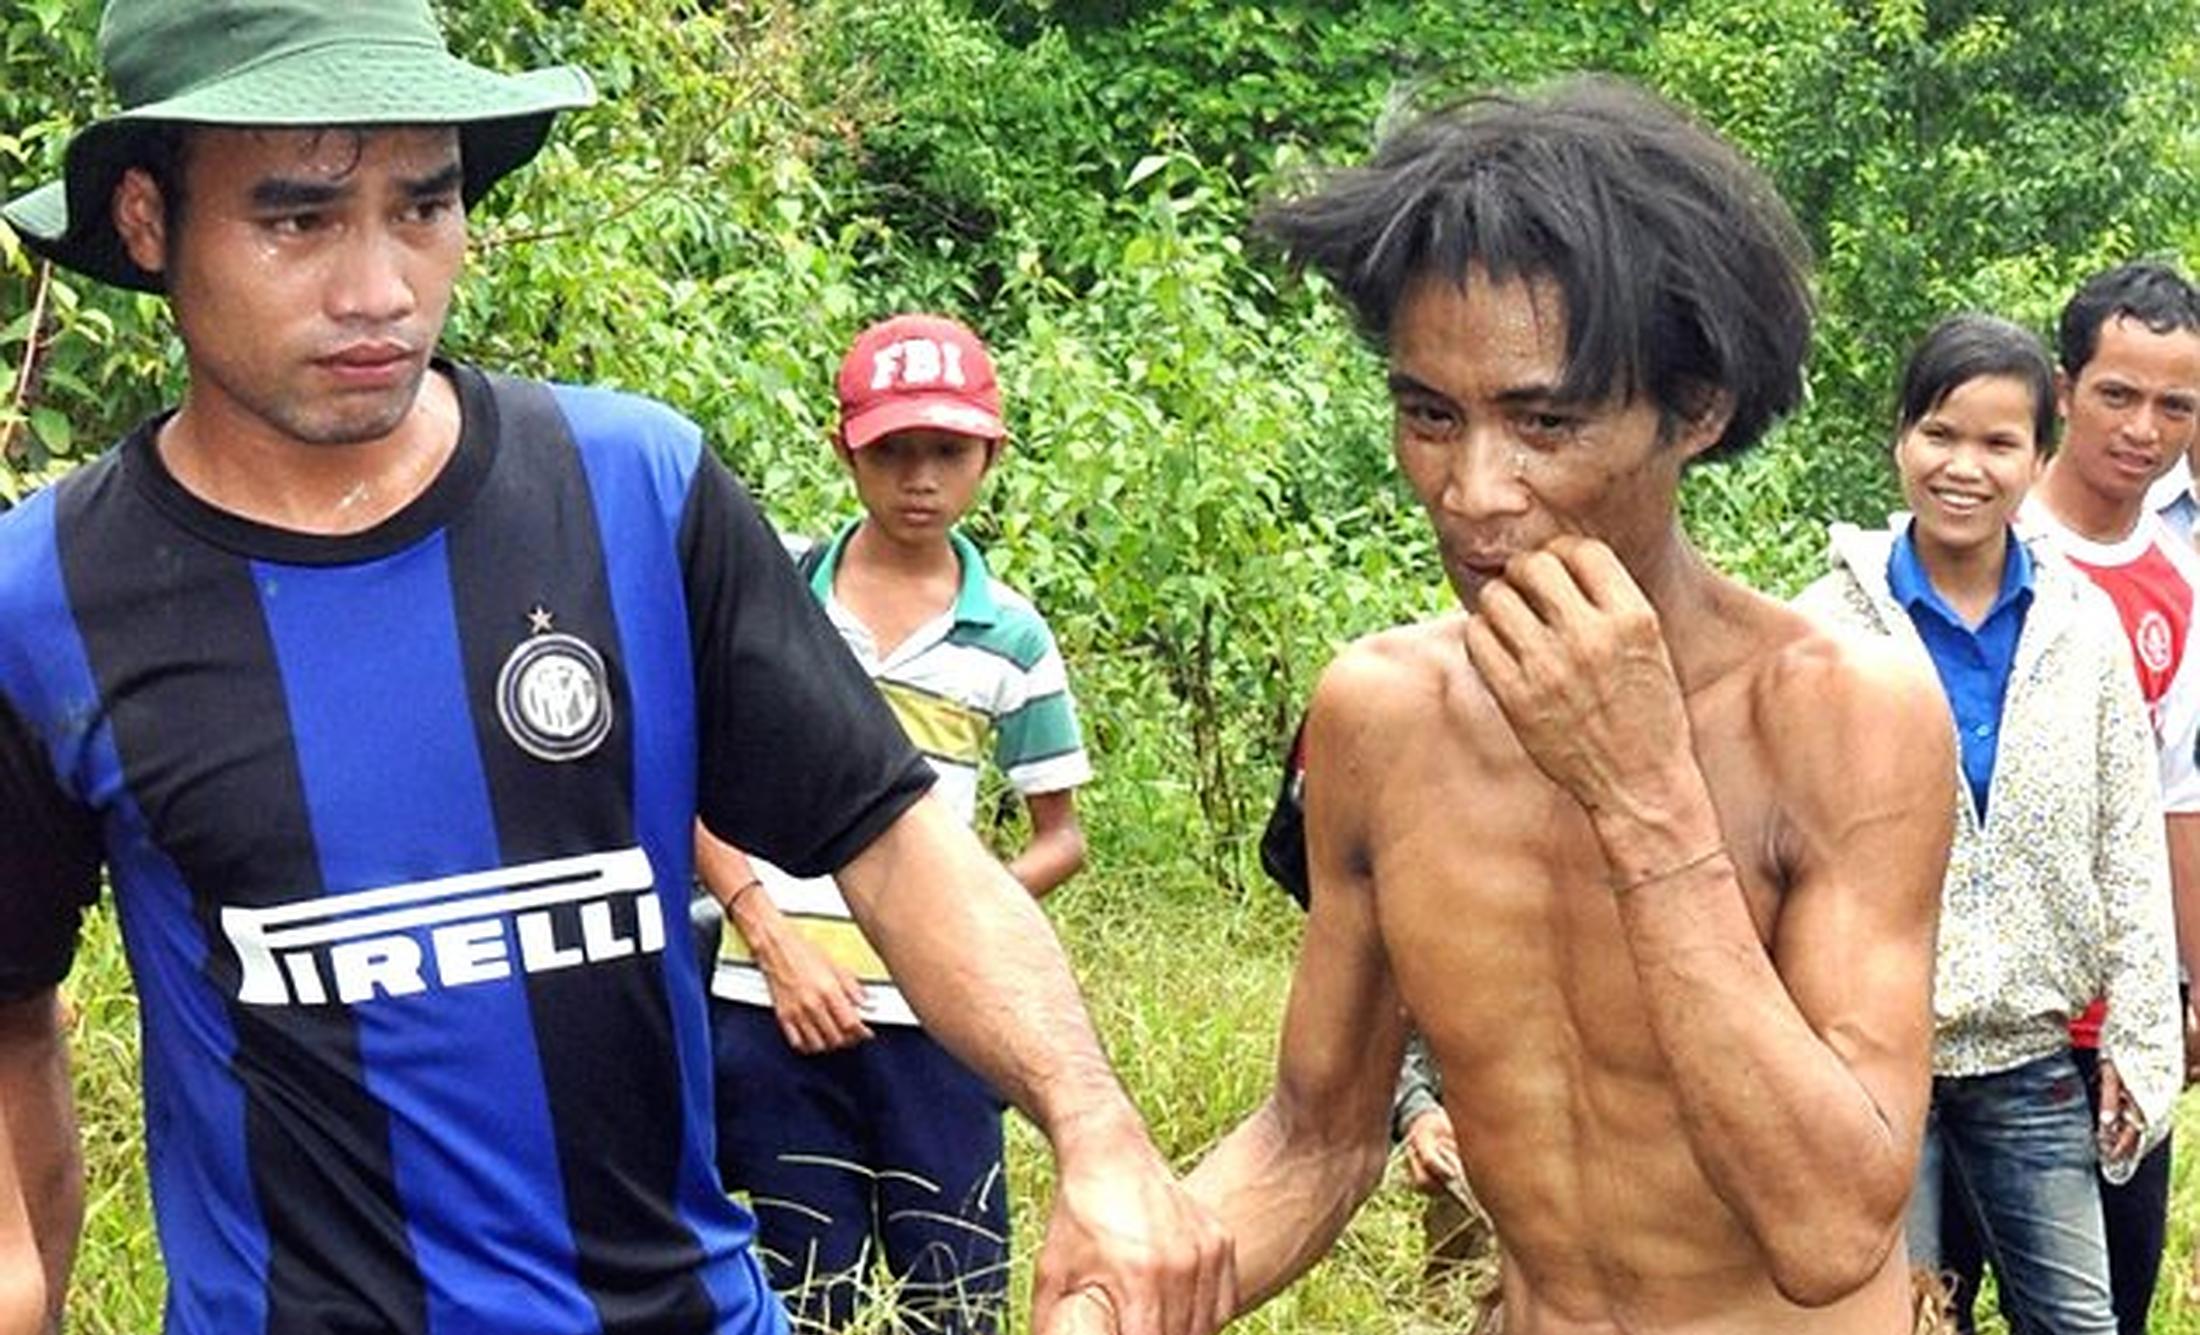 """Vietnamezul care a supraviețuit 40 de ani în junglă moare de cancer după 8 ani de """"viață modernă"""", cu alcool și alimente procesate"""